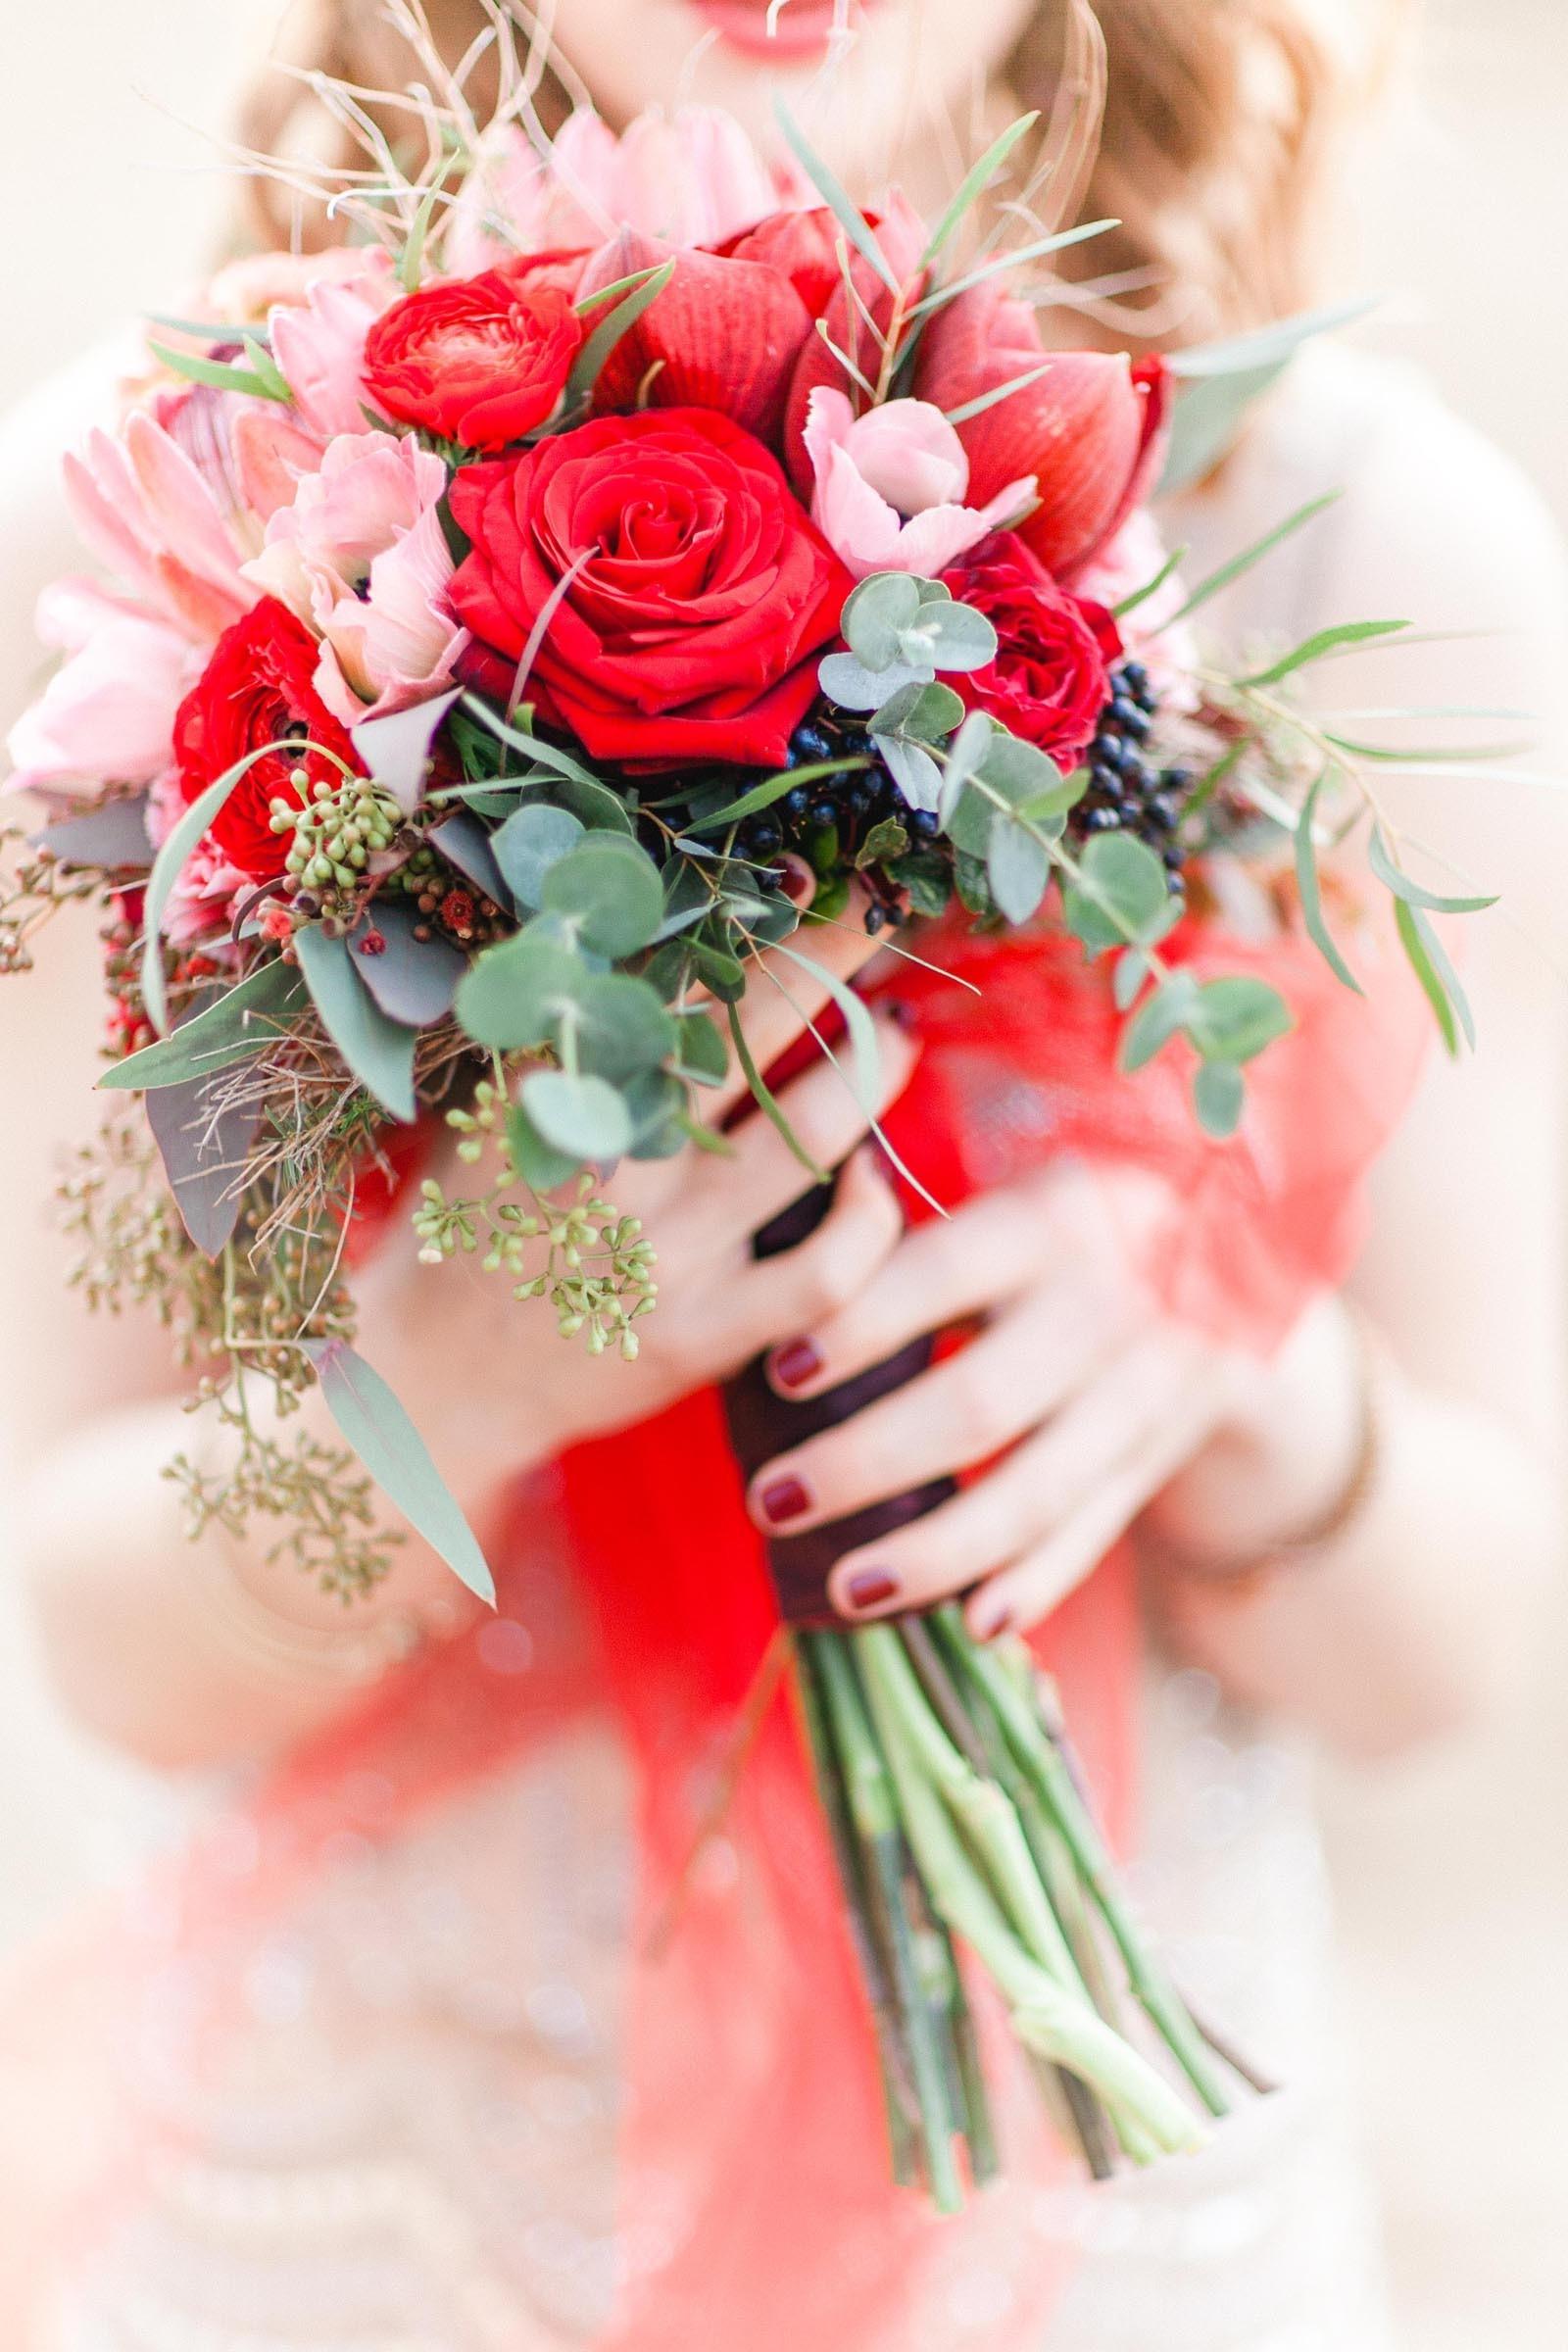 Blumenstrauß aus Rosen und Beeren